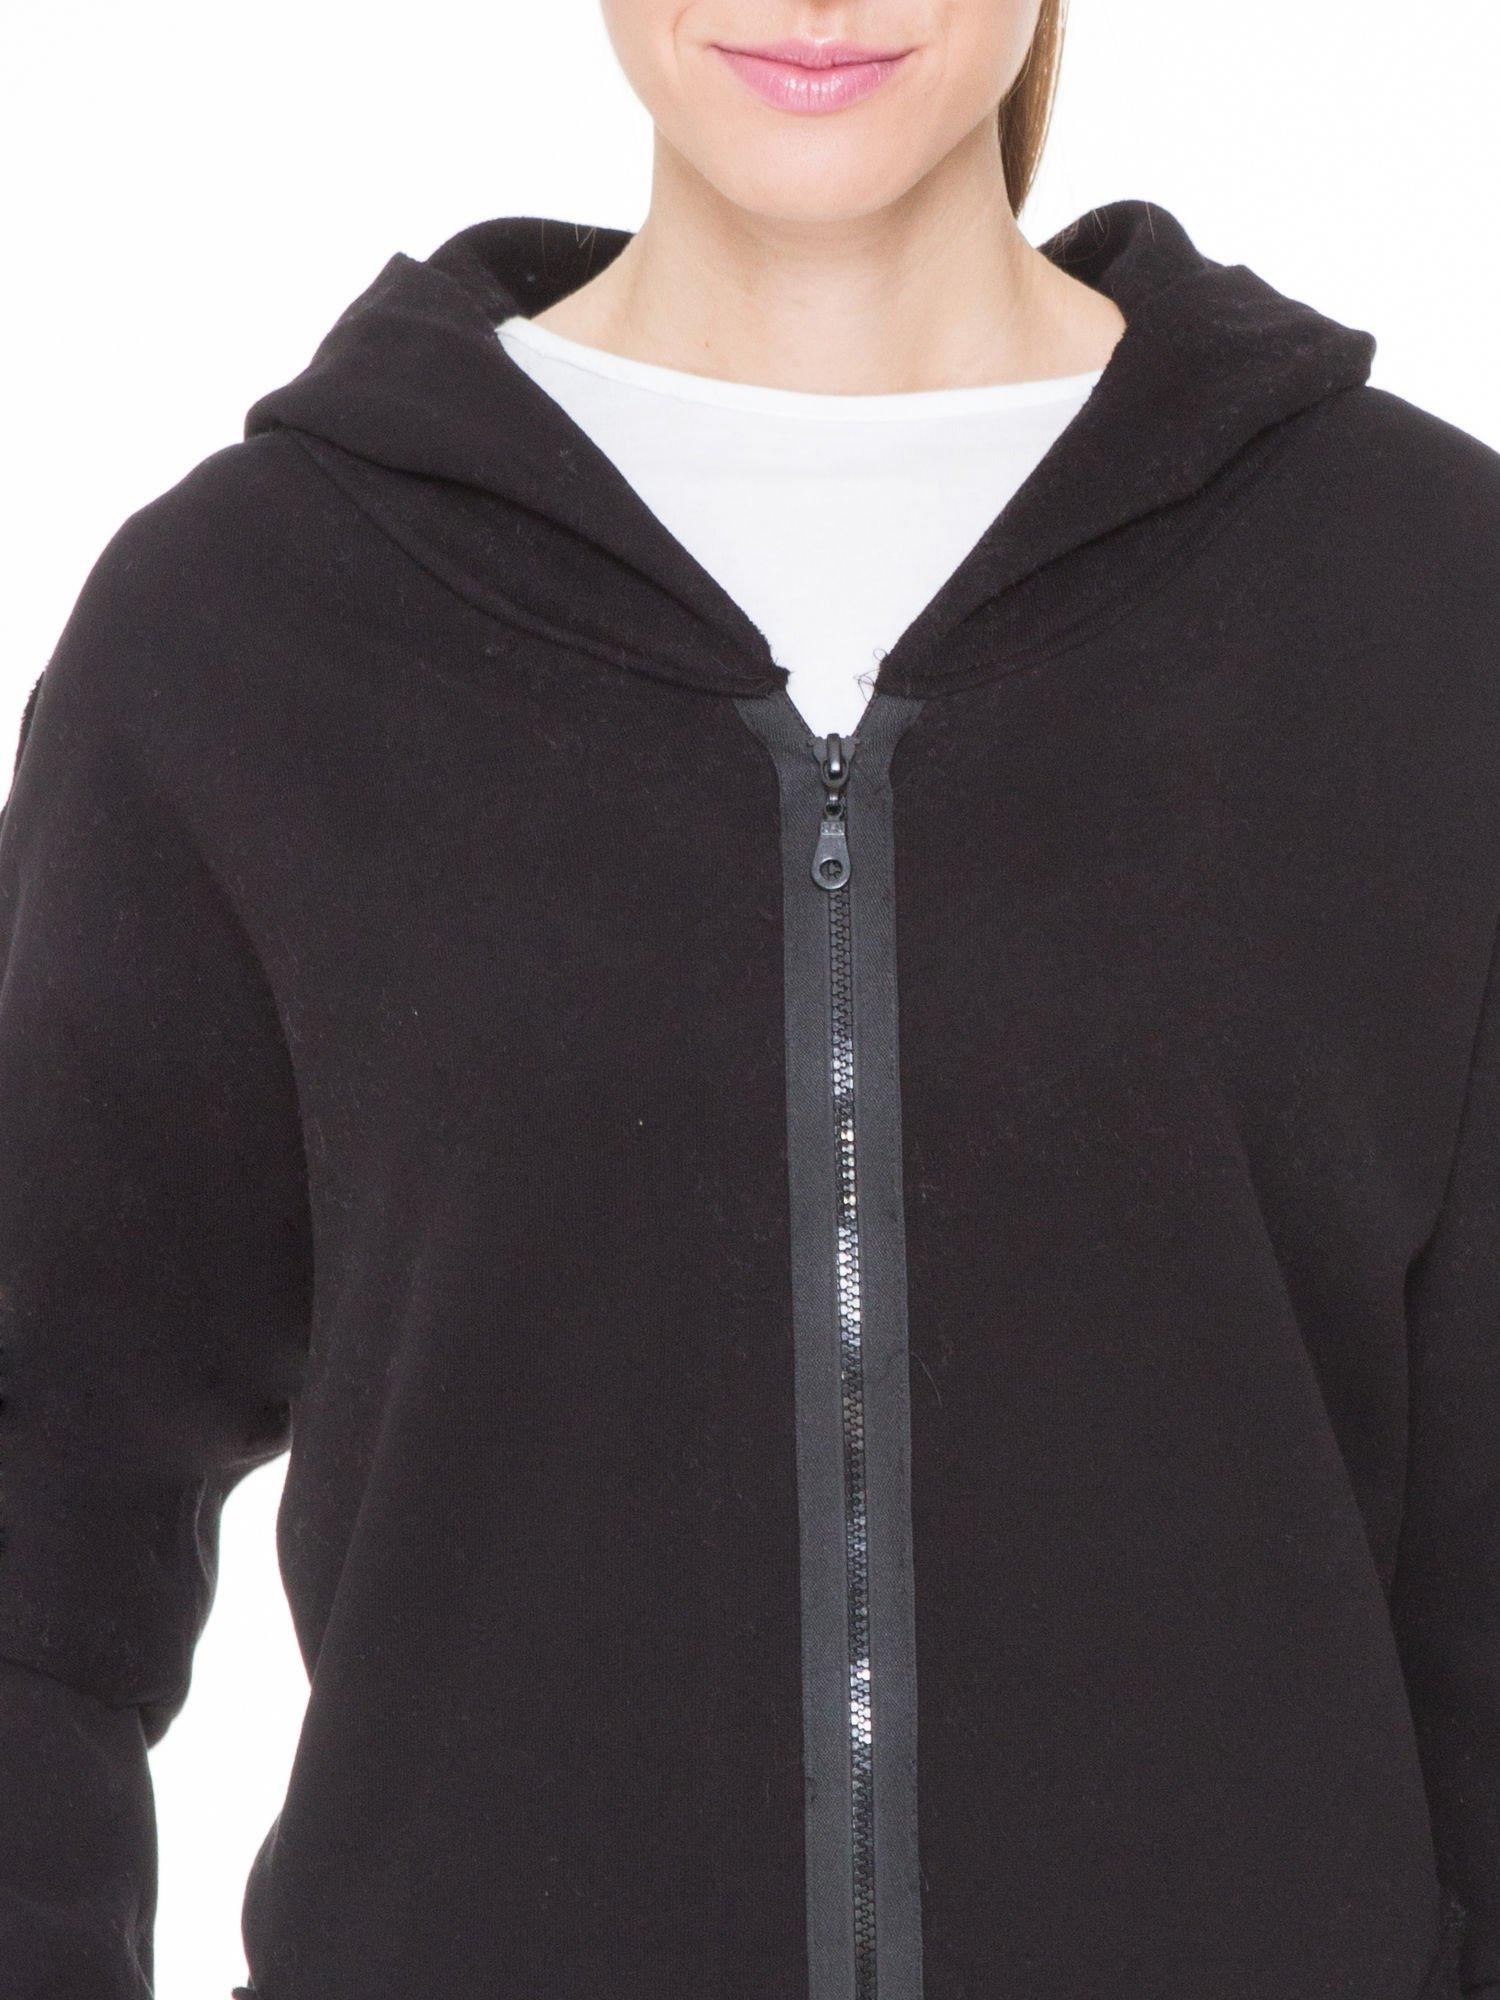 Czarna bluza z kapturem z surowym wykończeniem                                  zdj.                                  5